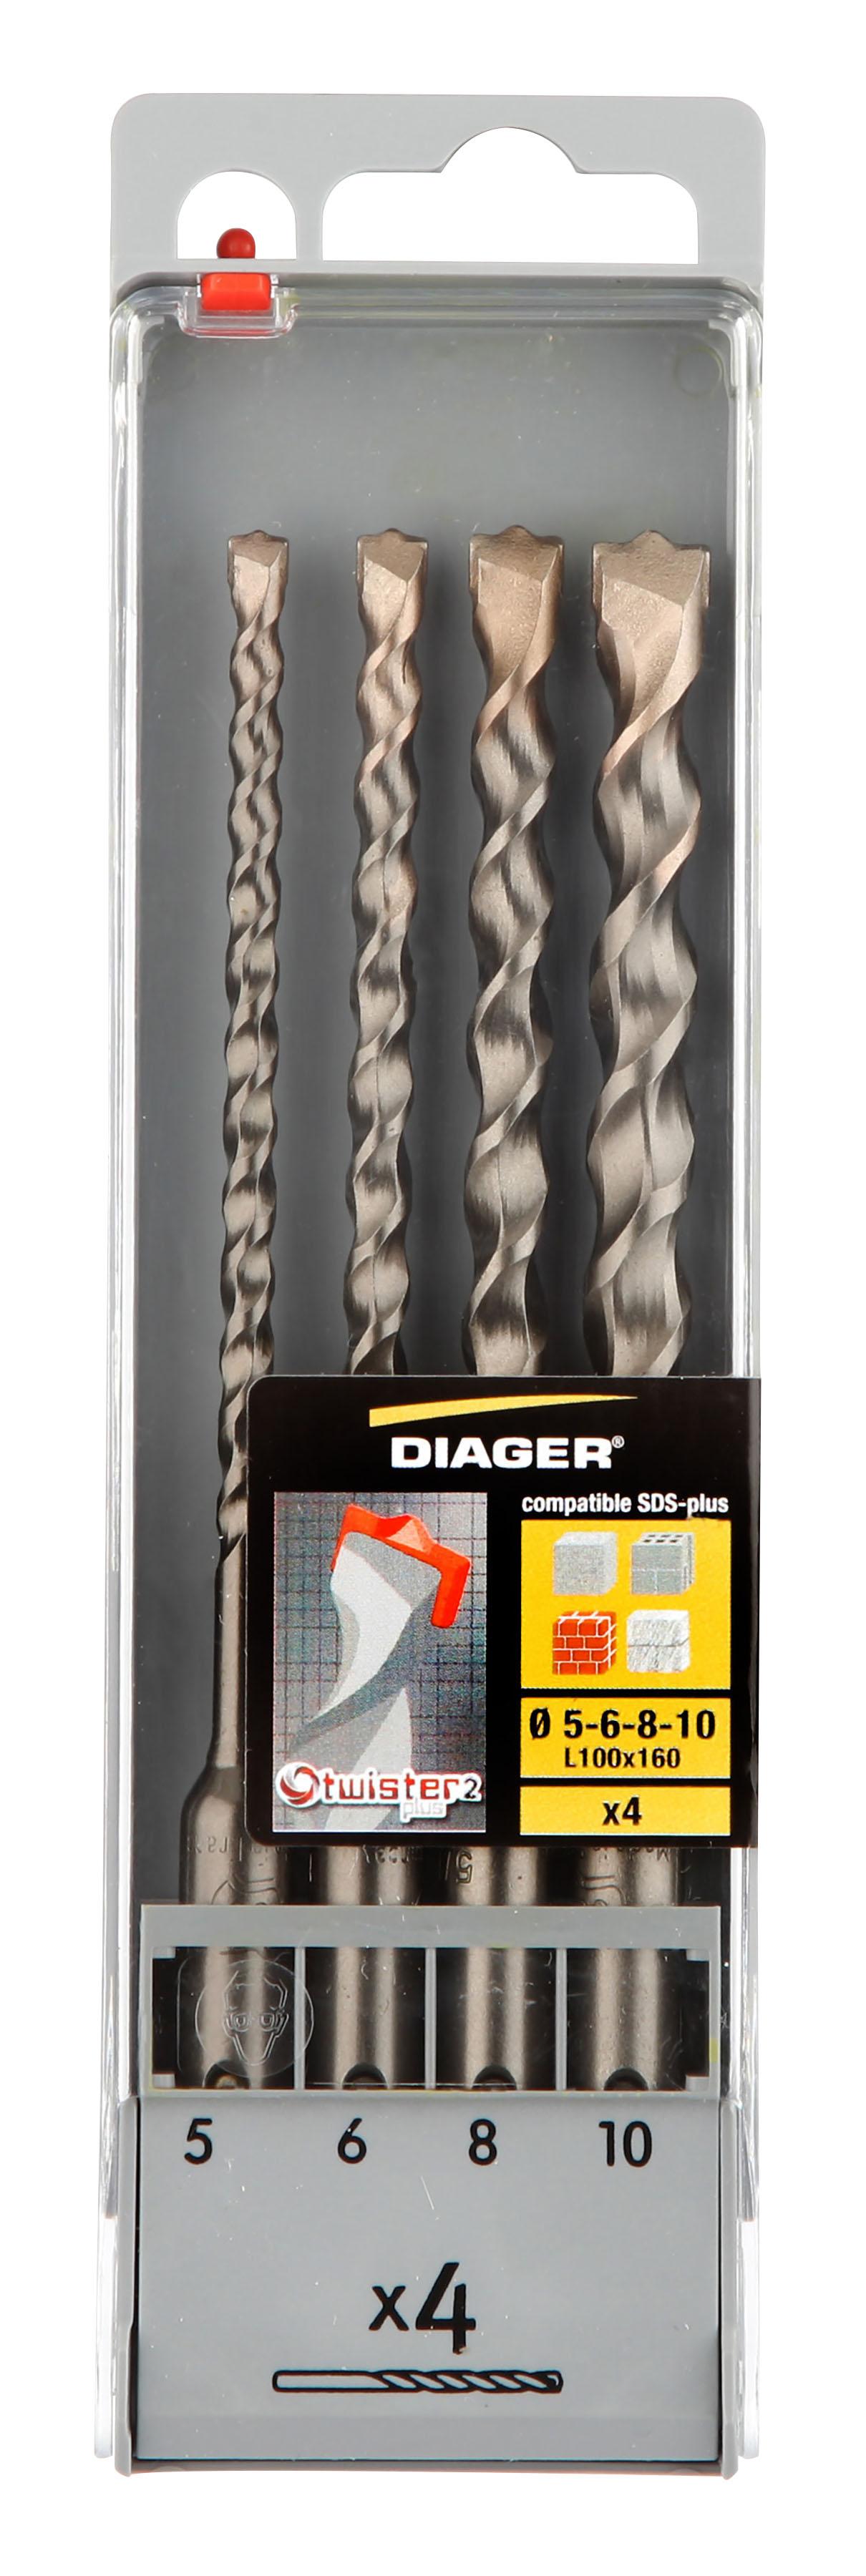 Perçage Twister Plus Coff plast. 4pcs Twister-plus L160 Ø5-6-8-10 - 100C.jpg